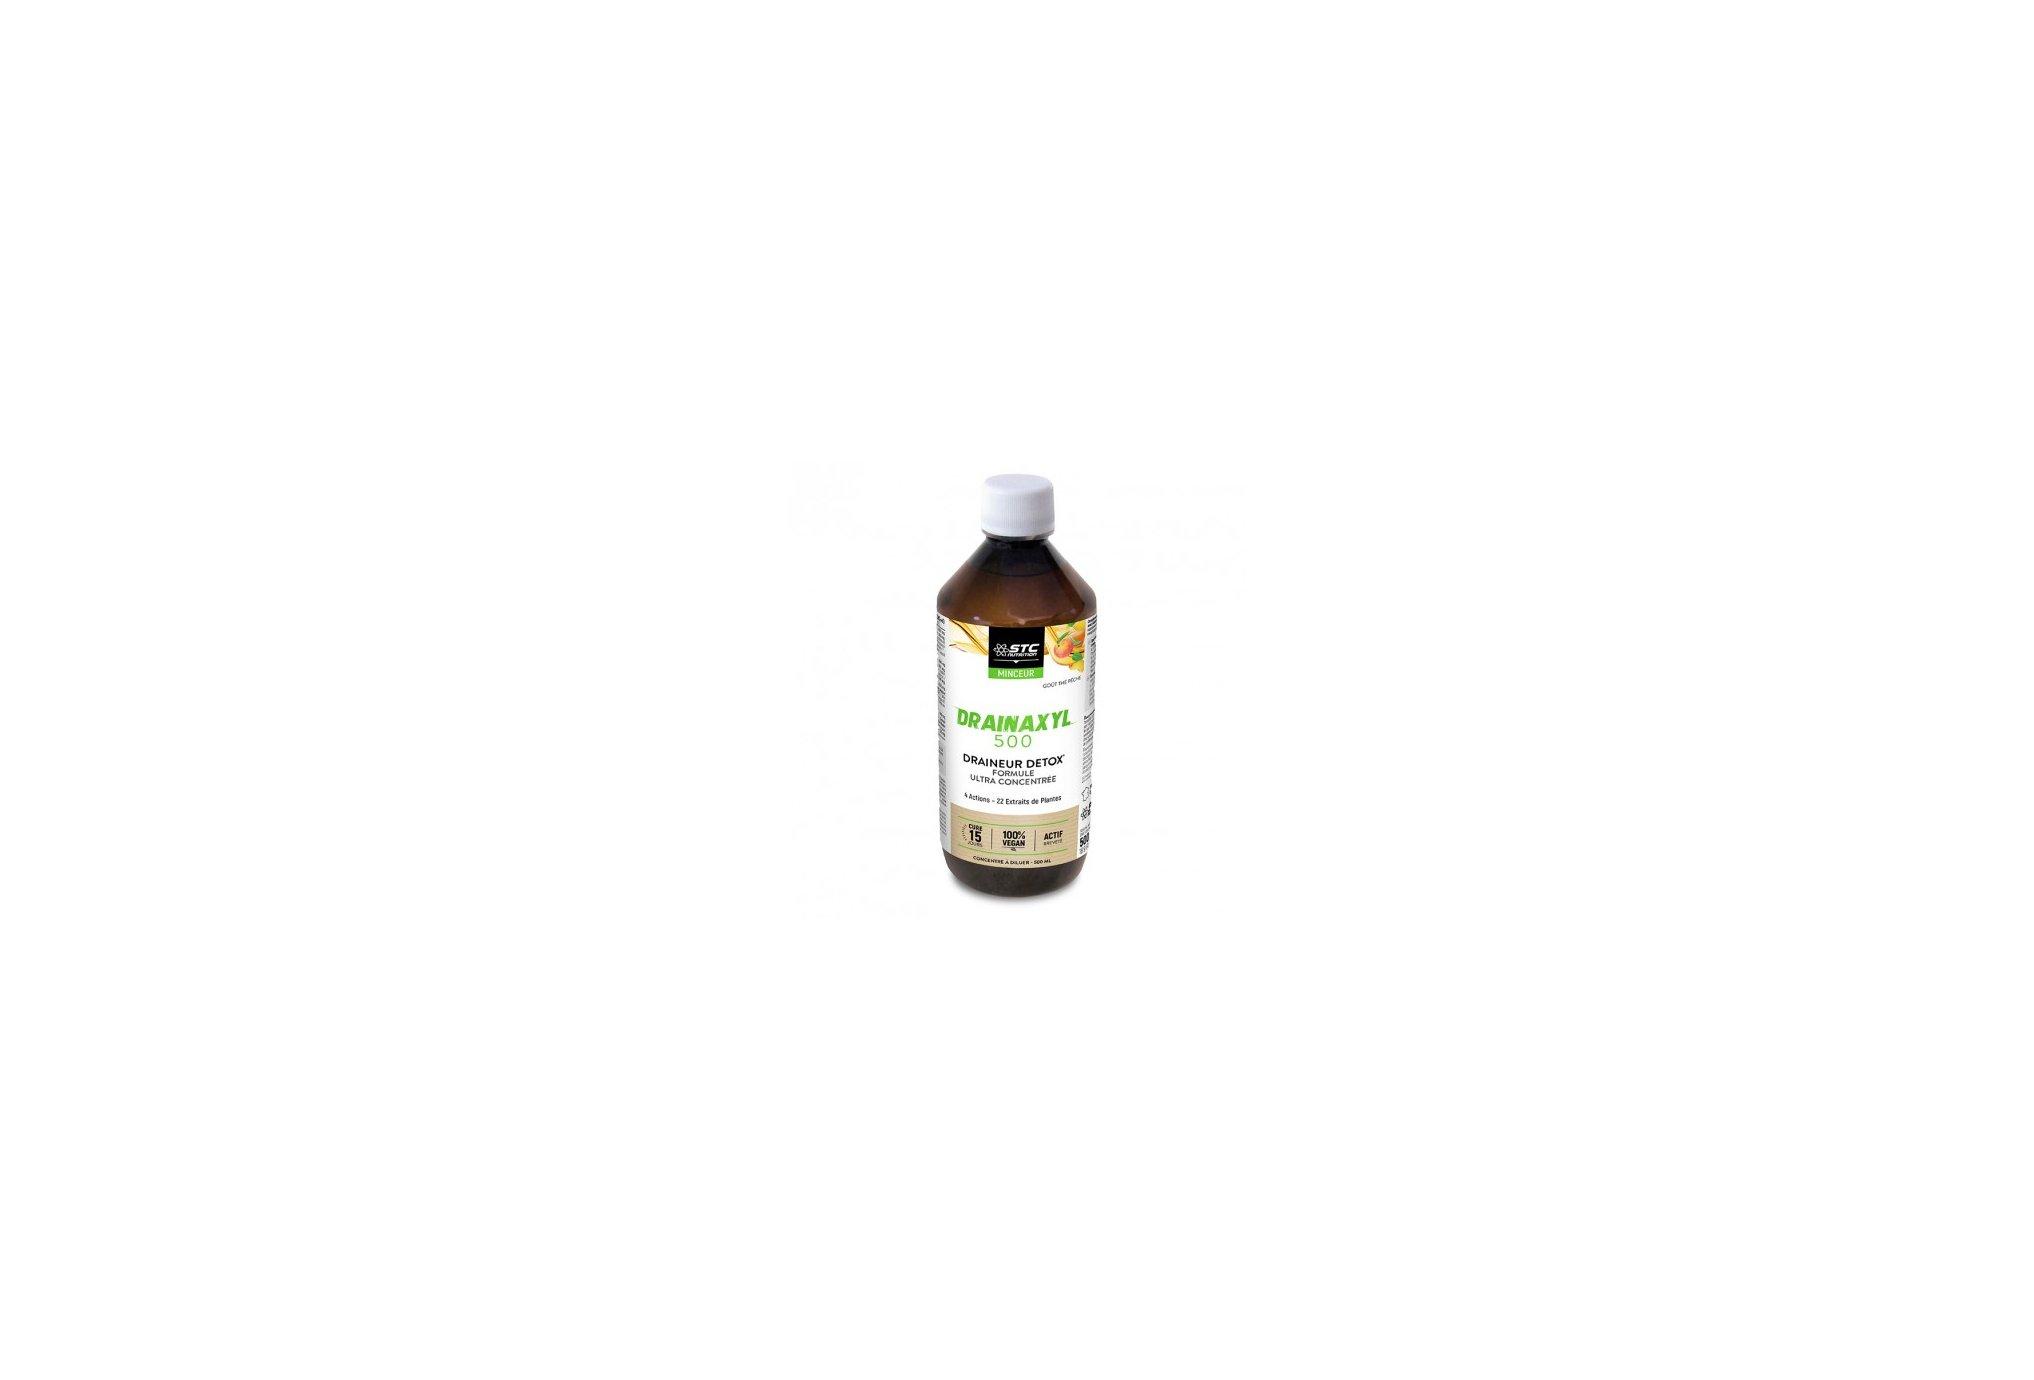 STC Nutrition Drainaxyl 500 Vegan Thé Pêche Diététique Compléments